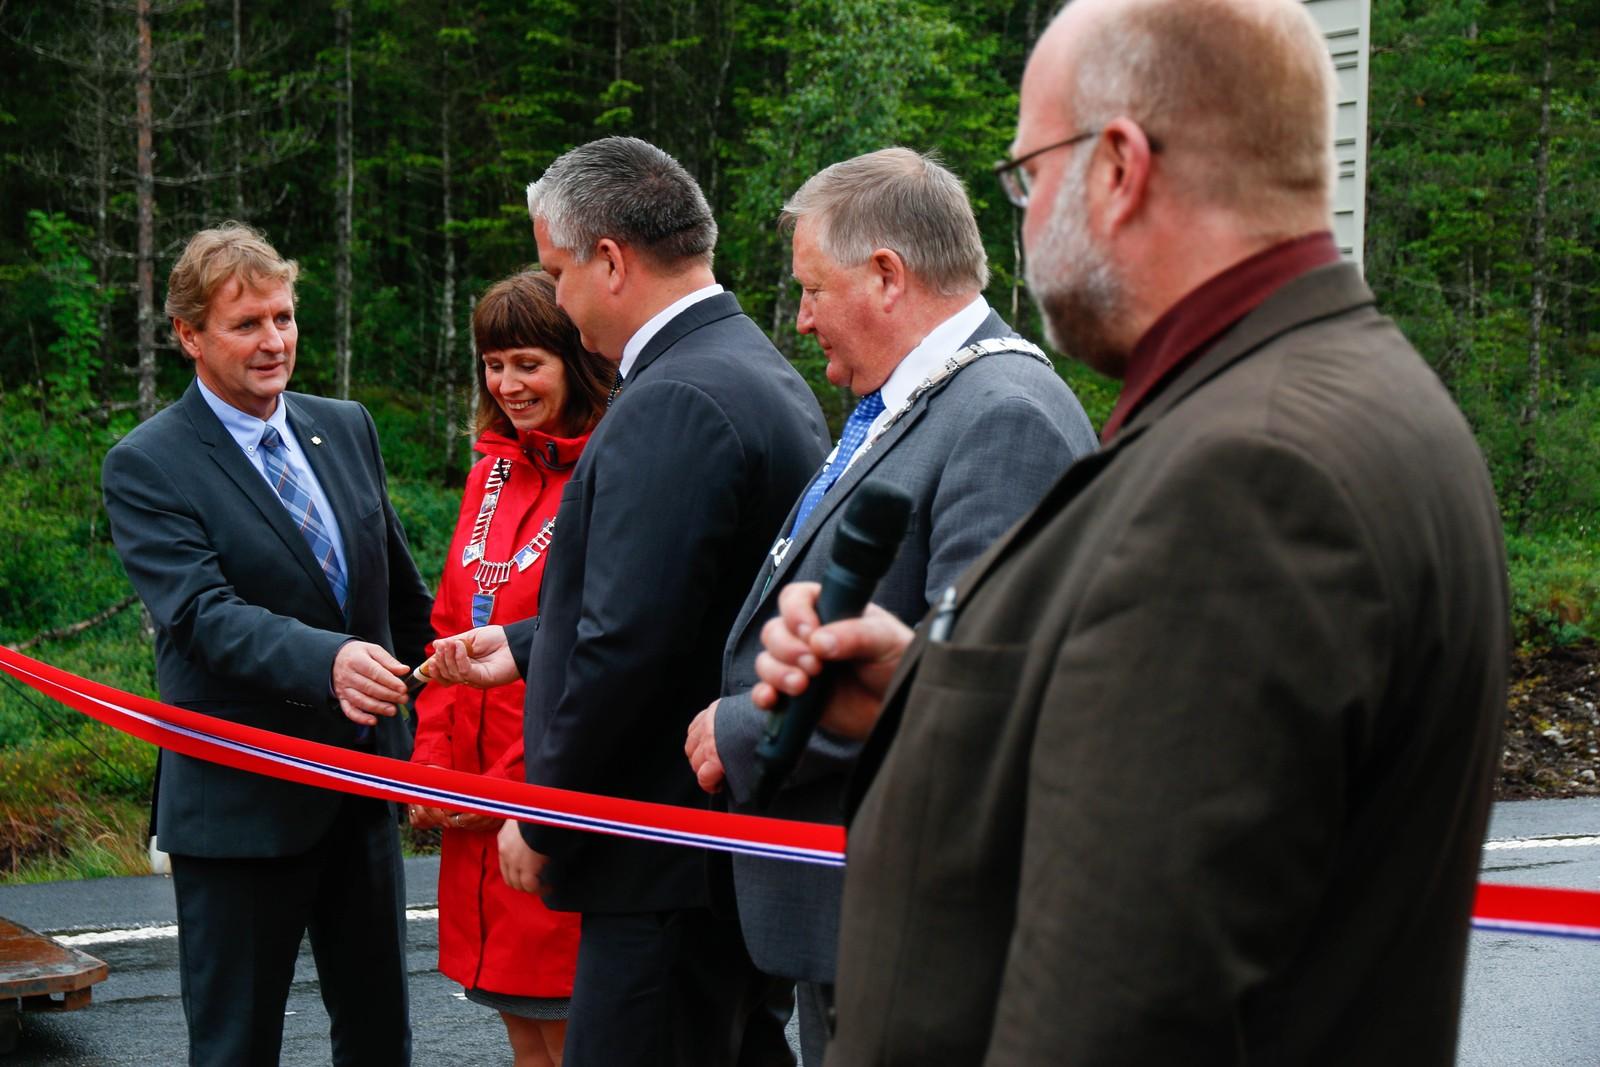 Regionvegsjef Helge Eidsnes overrekk kniven til statssekretær Tom Cato Carlsen. Dette bandet skal skjerast!